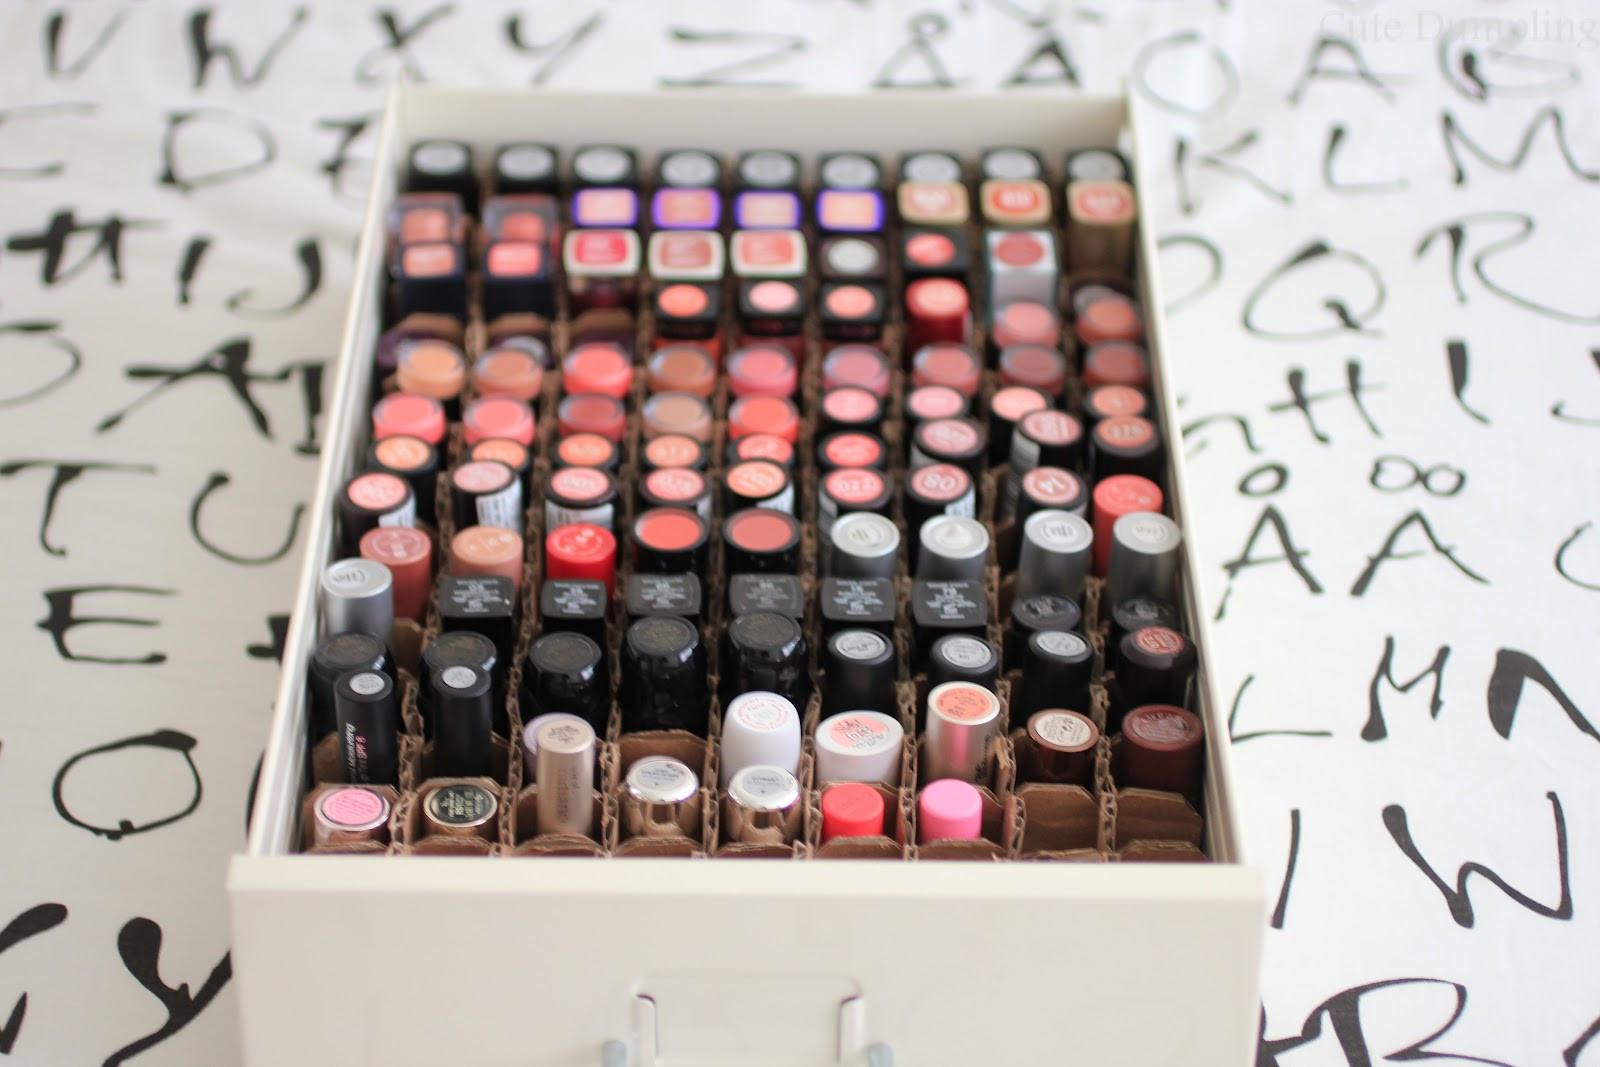 Best ideas about DIY Lipstick Organizer . Save or Pin Cute Dumpling DIY Lipstick Organizer Now.